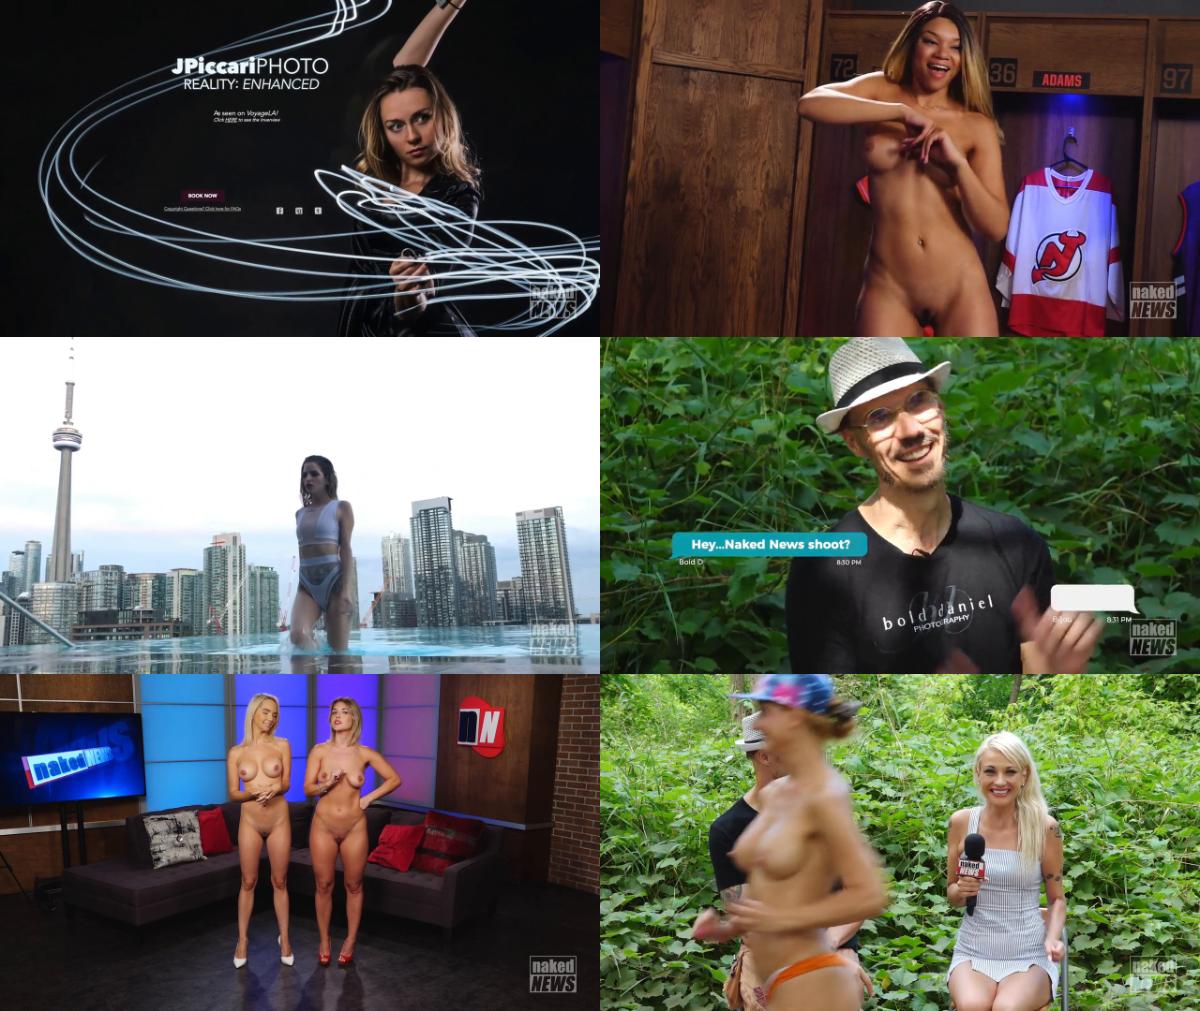 123813157_naked-news-2019-10-06-720p-web